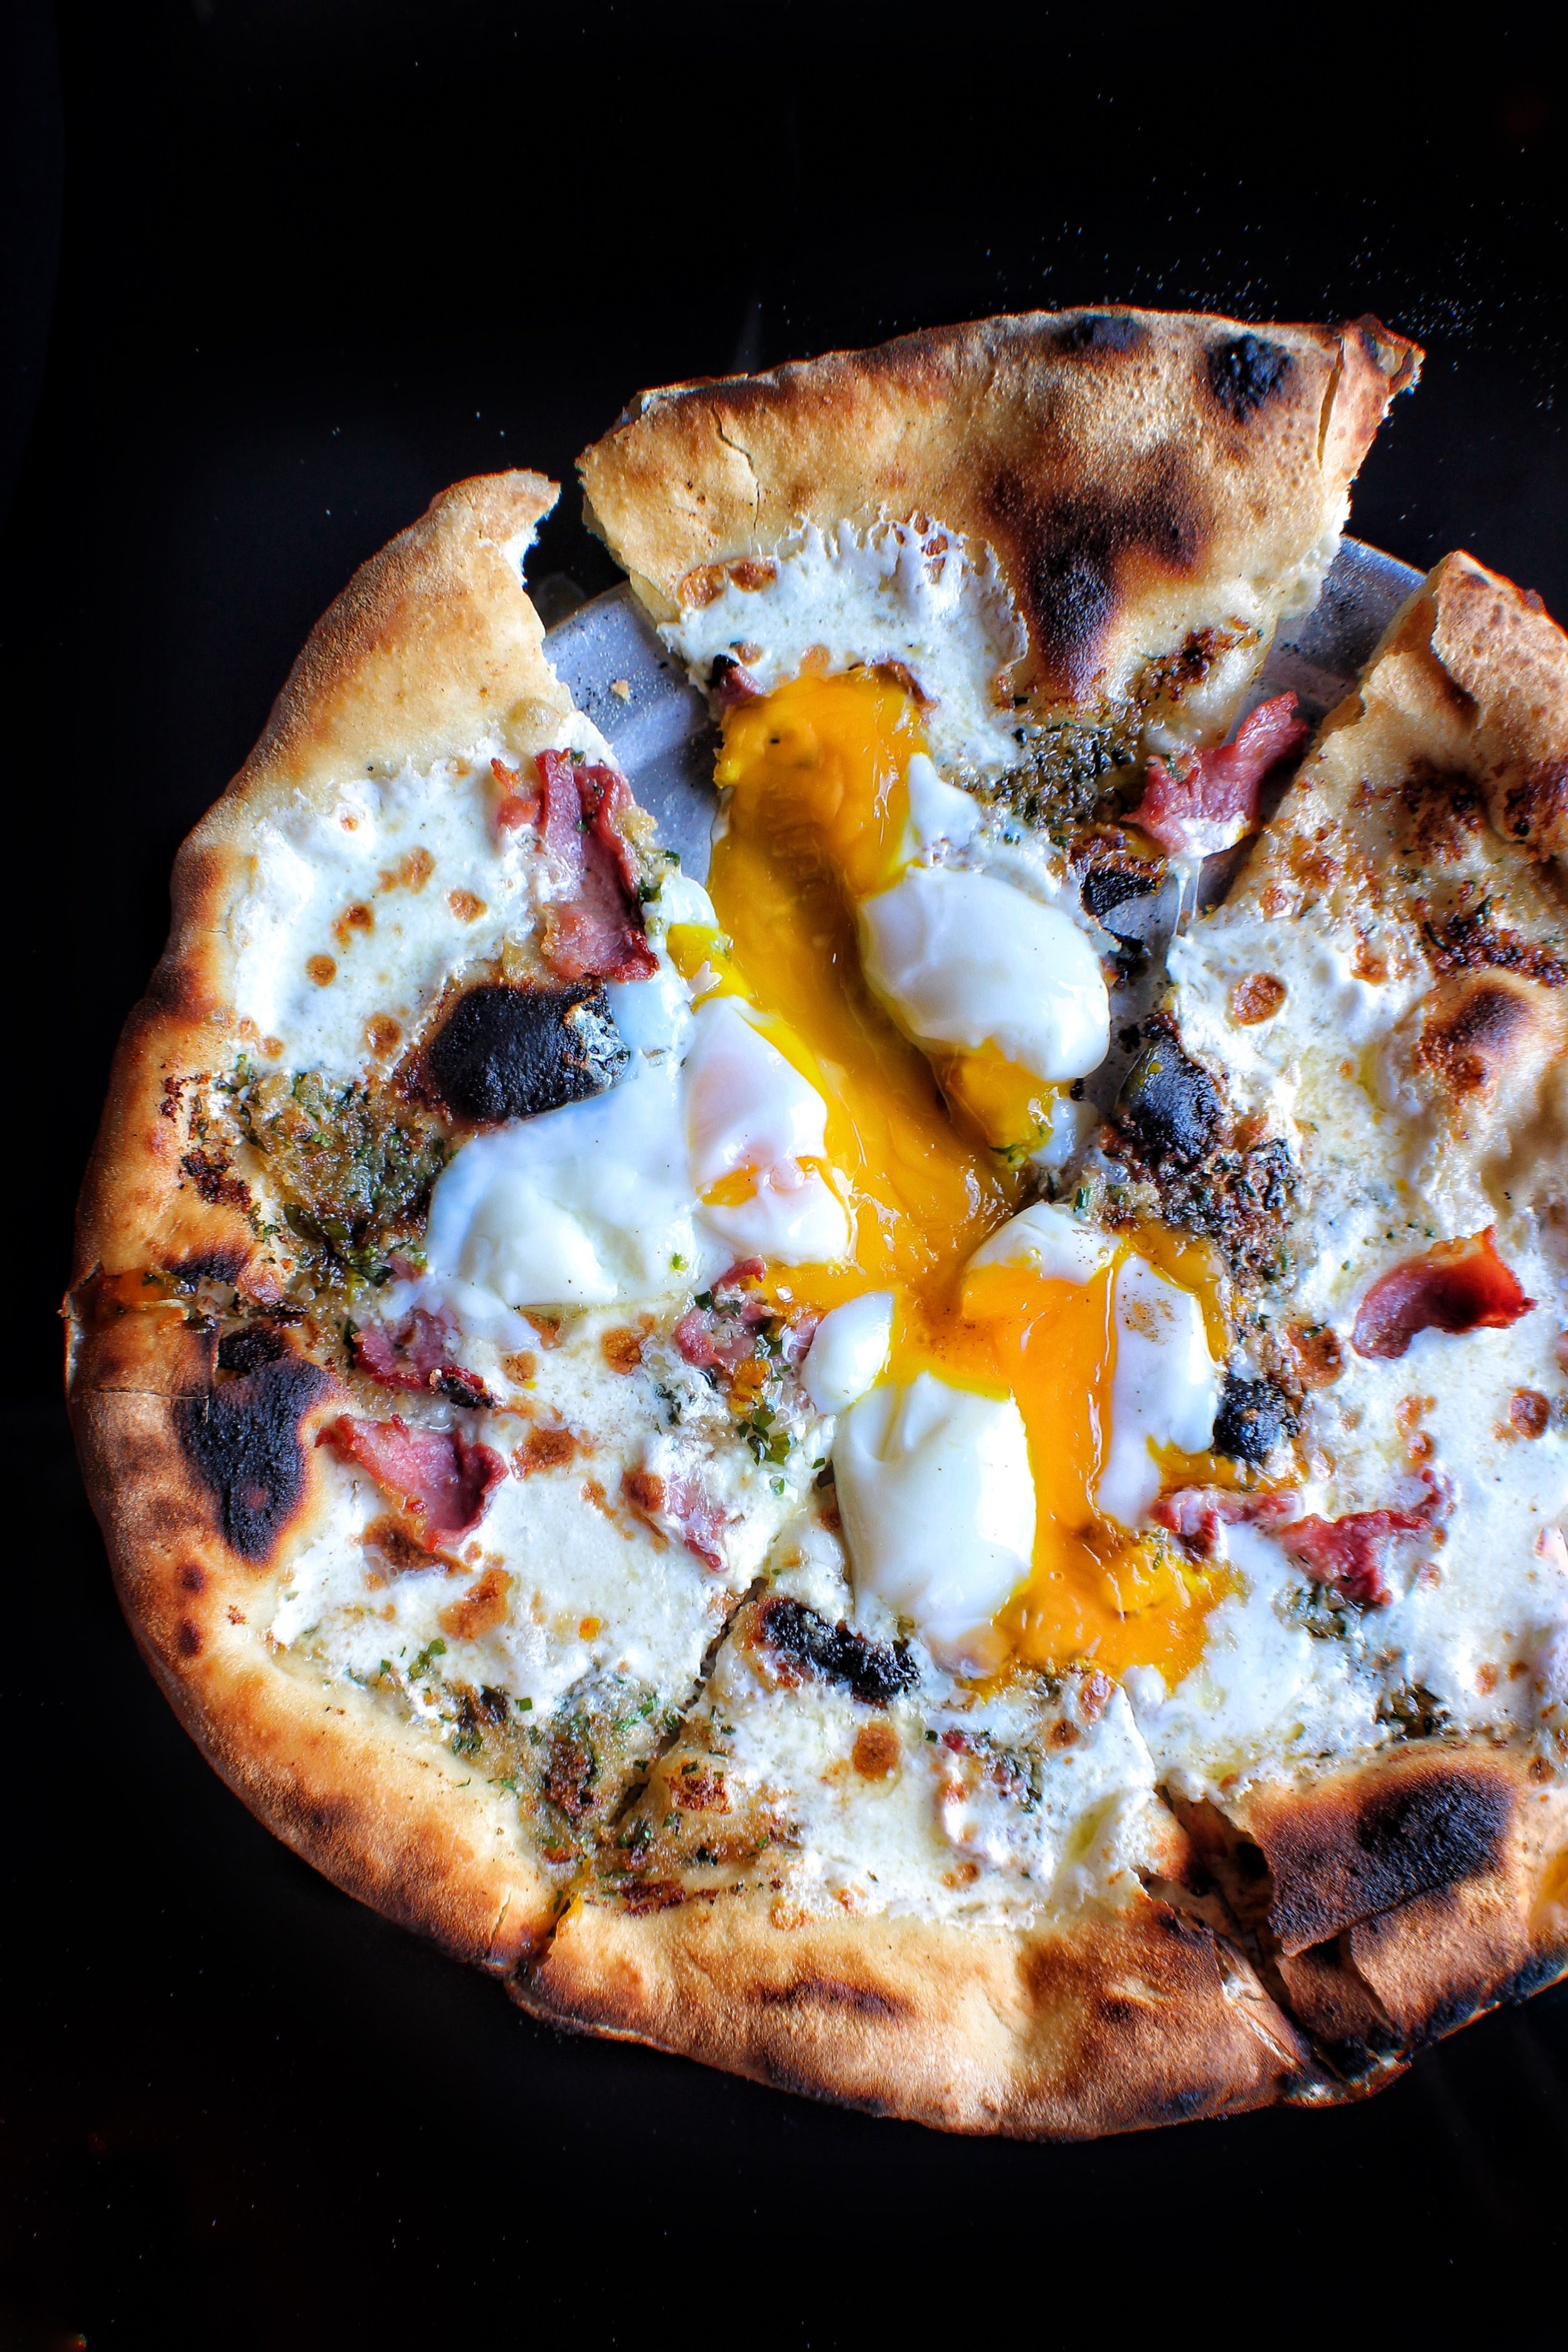 Bacon, Egg, and Cheese PIZZA  Mozarella di Bufala, Country Ham, Hen Egg